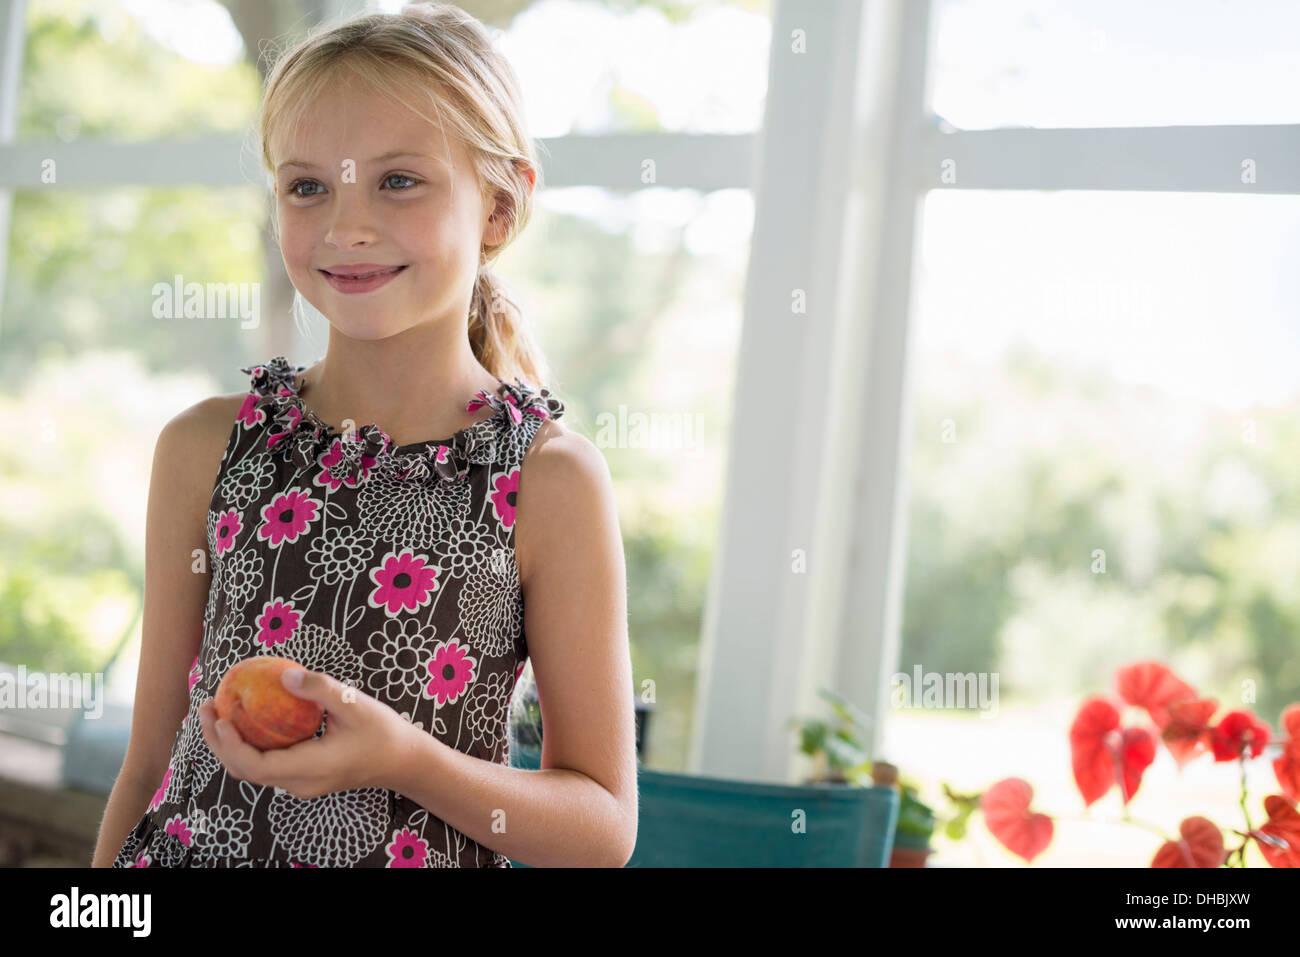 Una joven en un vestido floral sosteniendo un melocotón fruta. Imagen De Stock